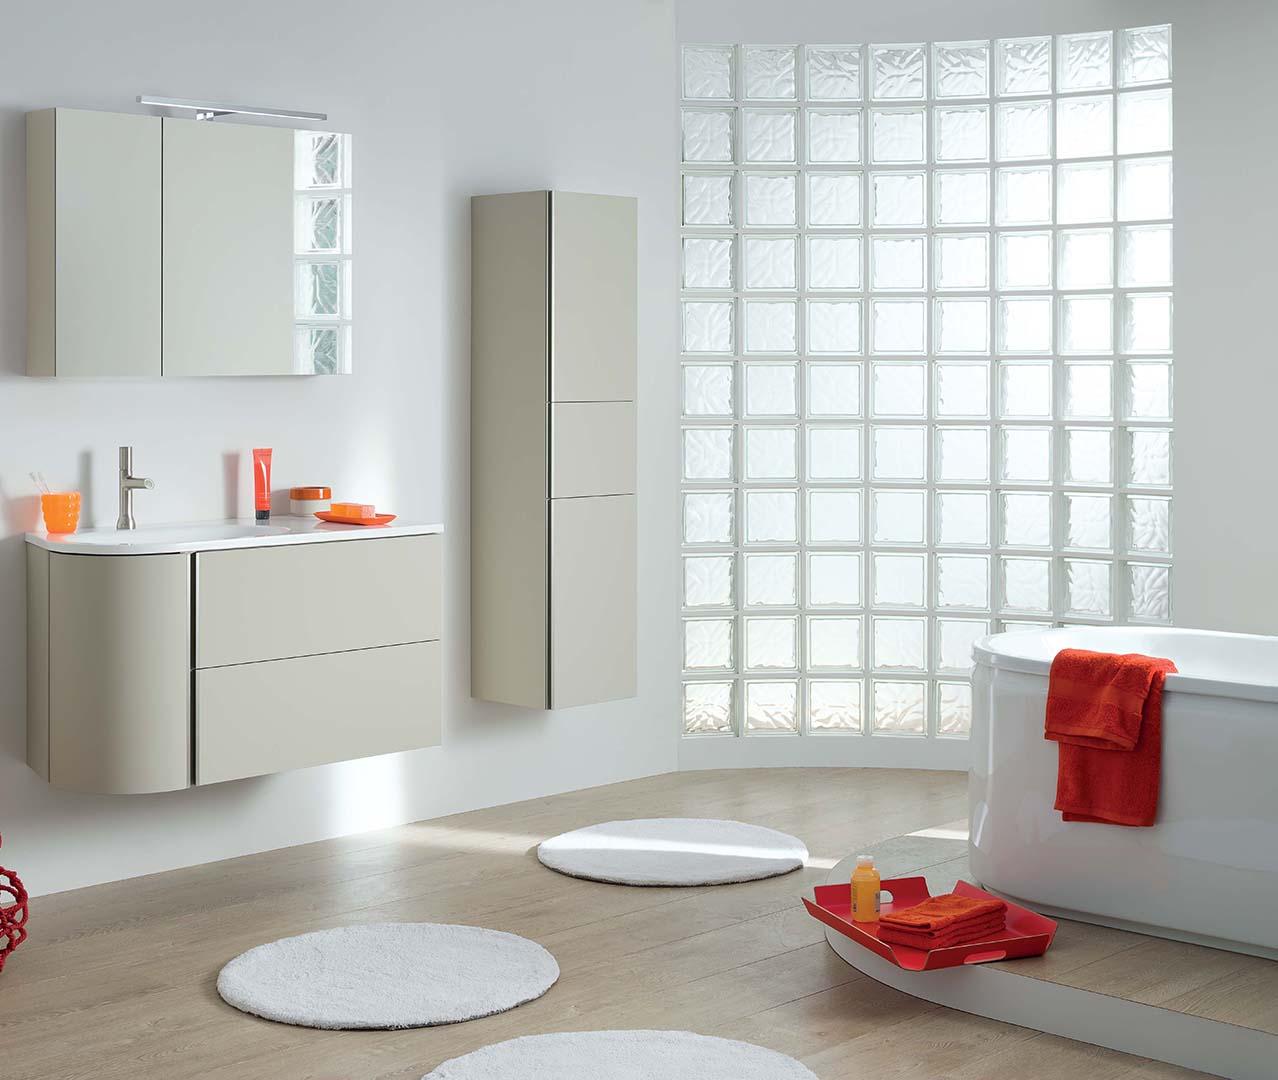 Gamme liberty meuble salle de bain tendance sanijura - Meuble de salle de bain sanijura ...